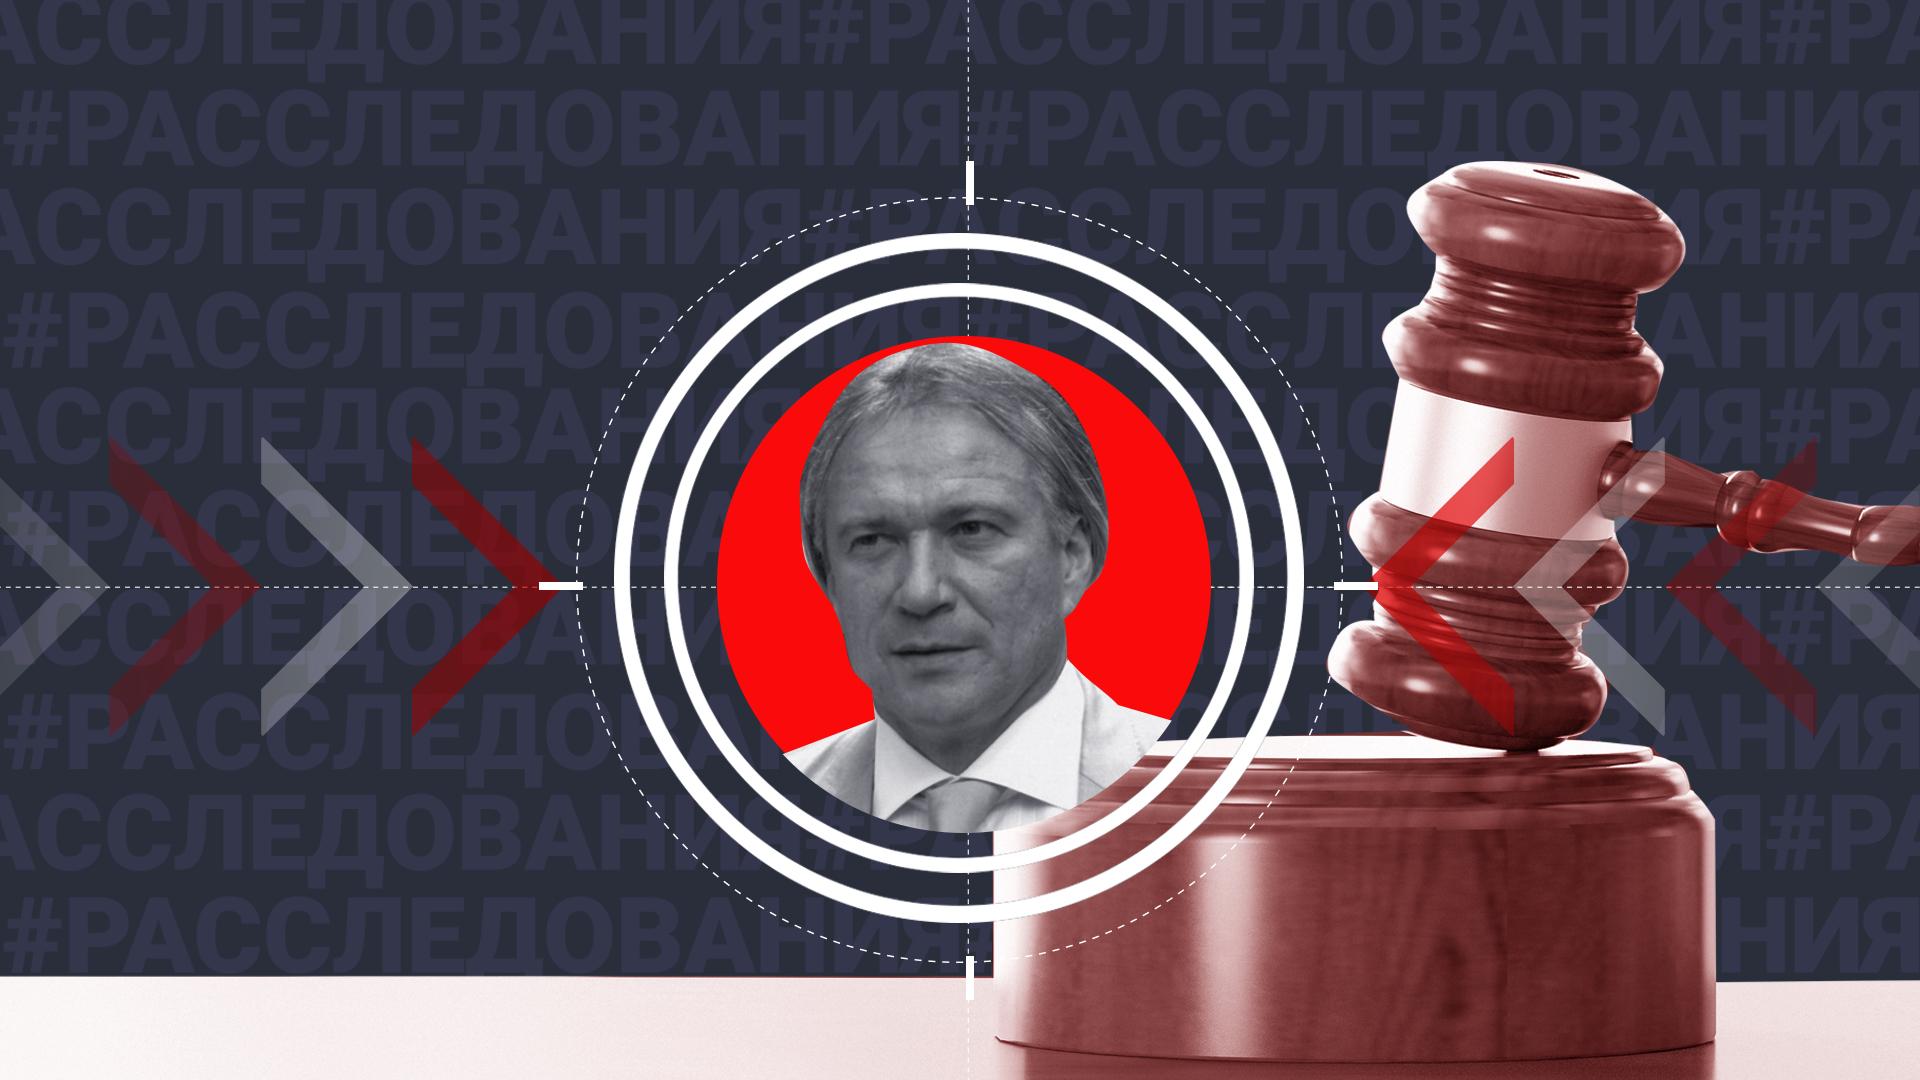 Поклонник искусств и спорта. Авторитета Шишкана ждёт суд за убийство семьи депутата